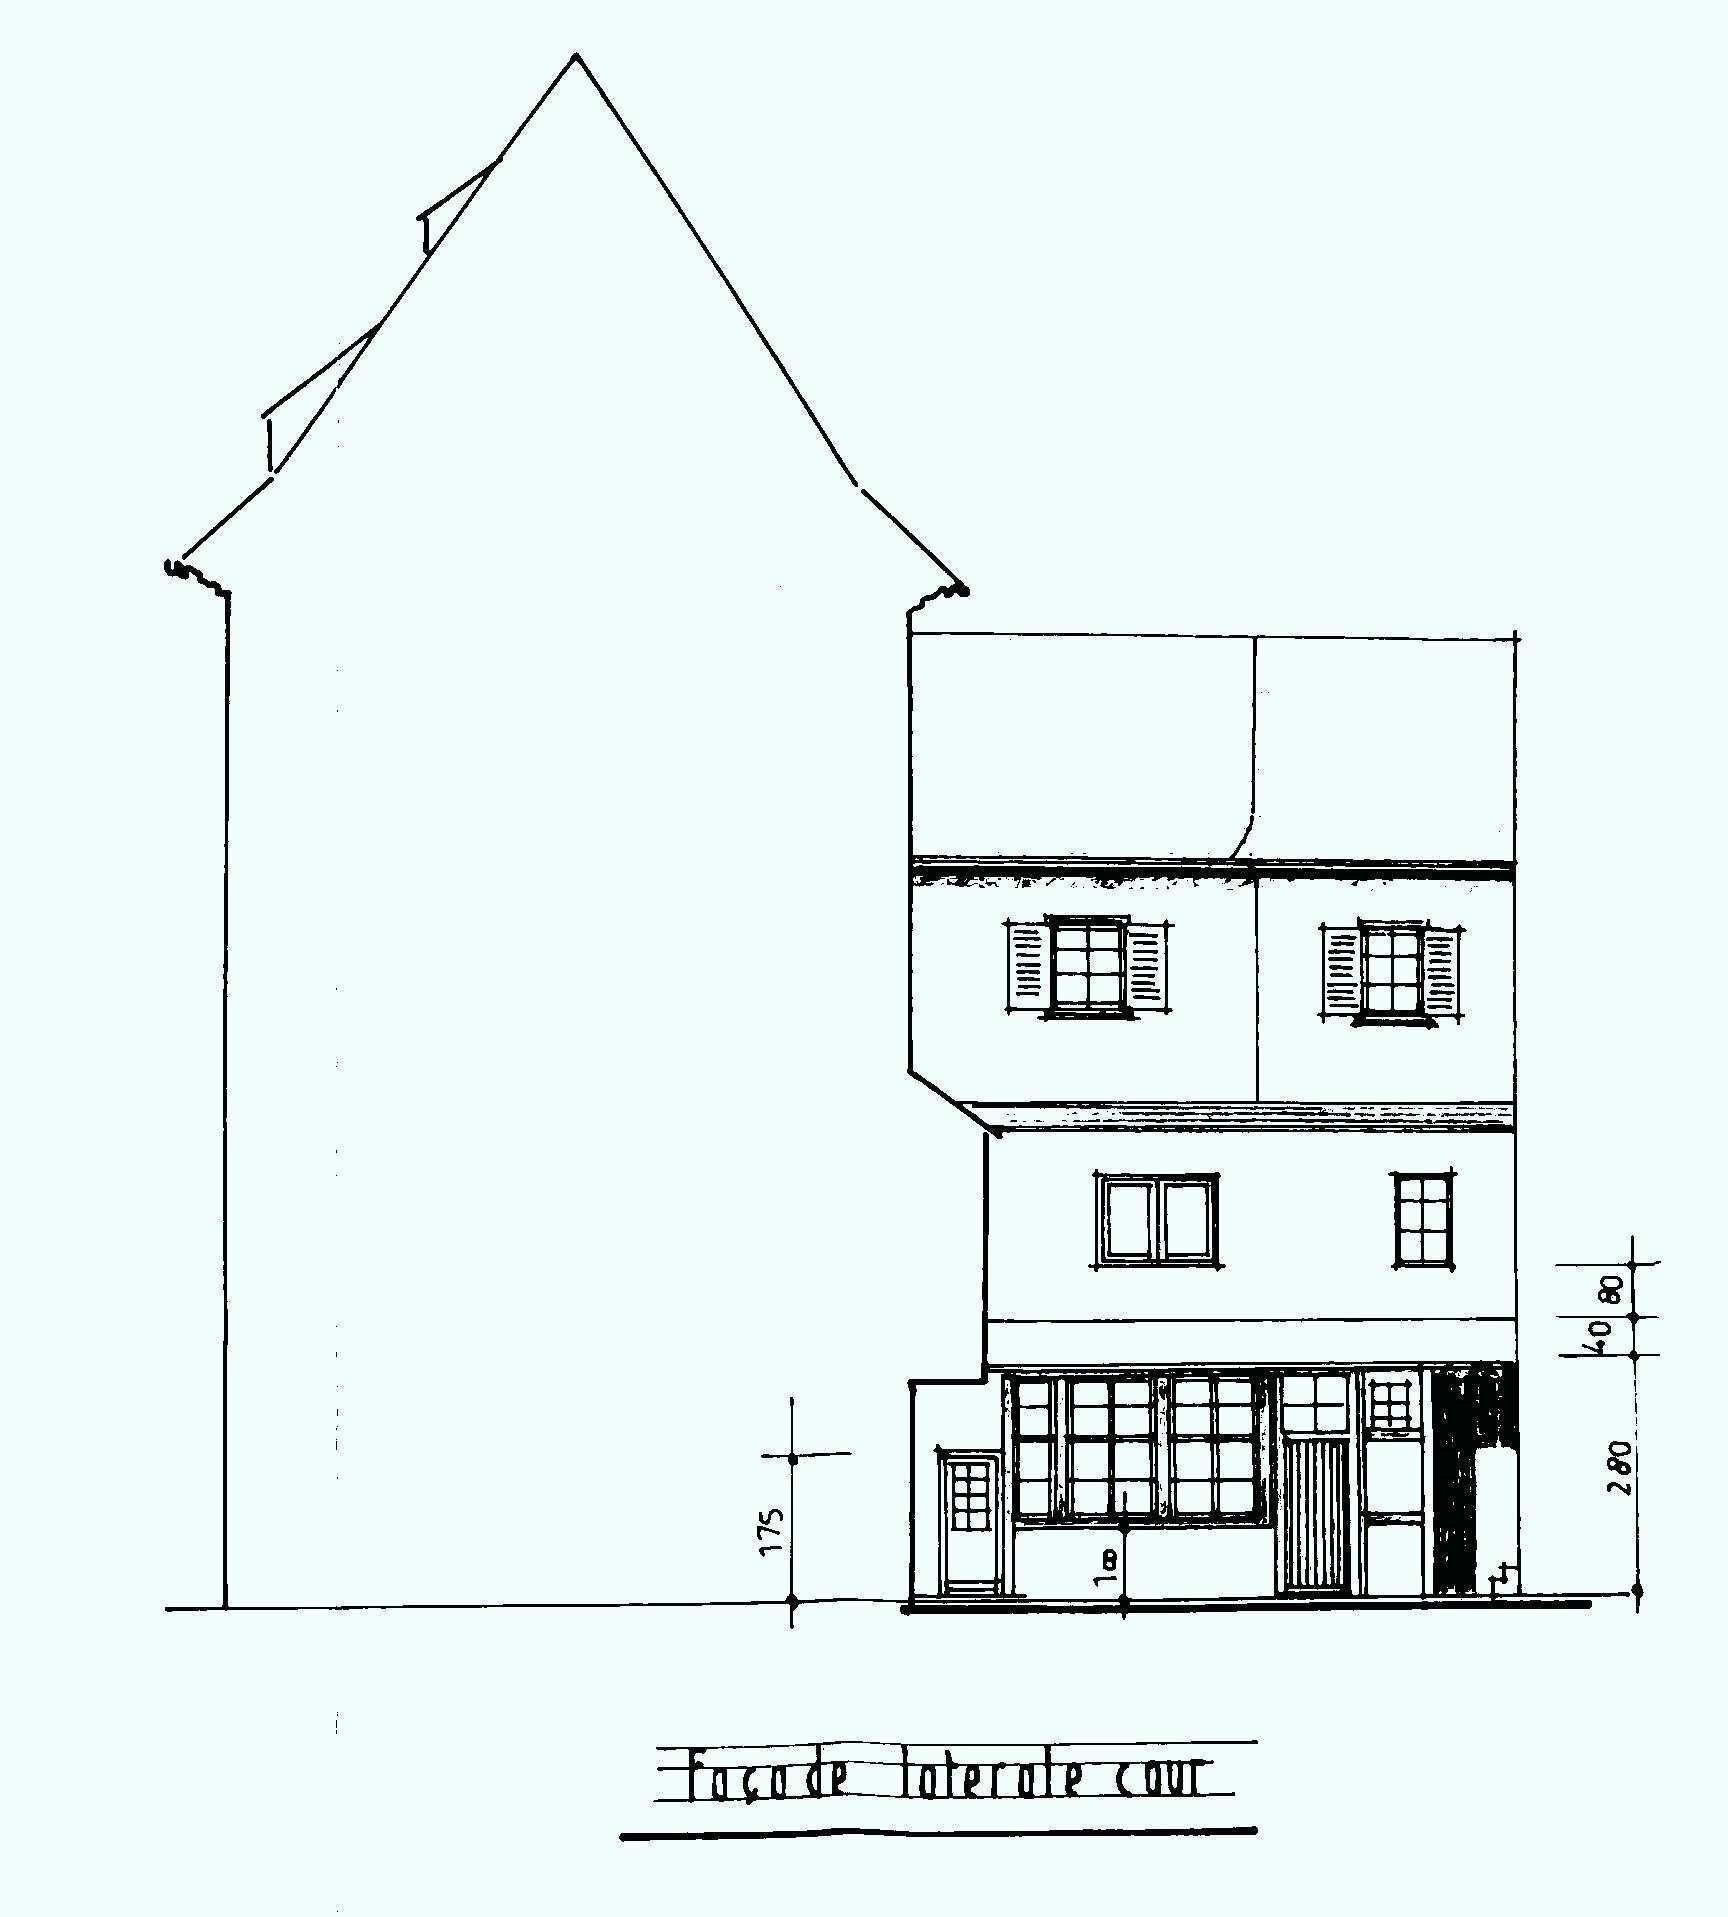 27 Logiciel Plan Maison 3d Gratuit | Floor plans, Diagram